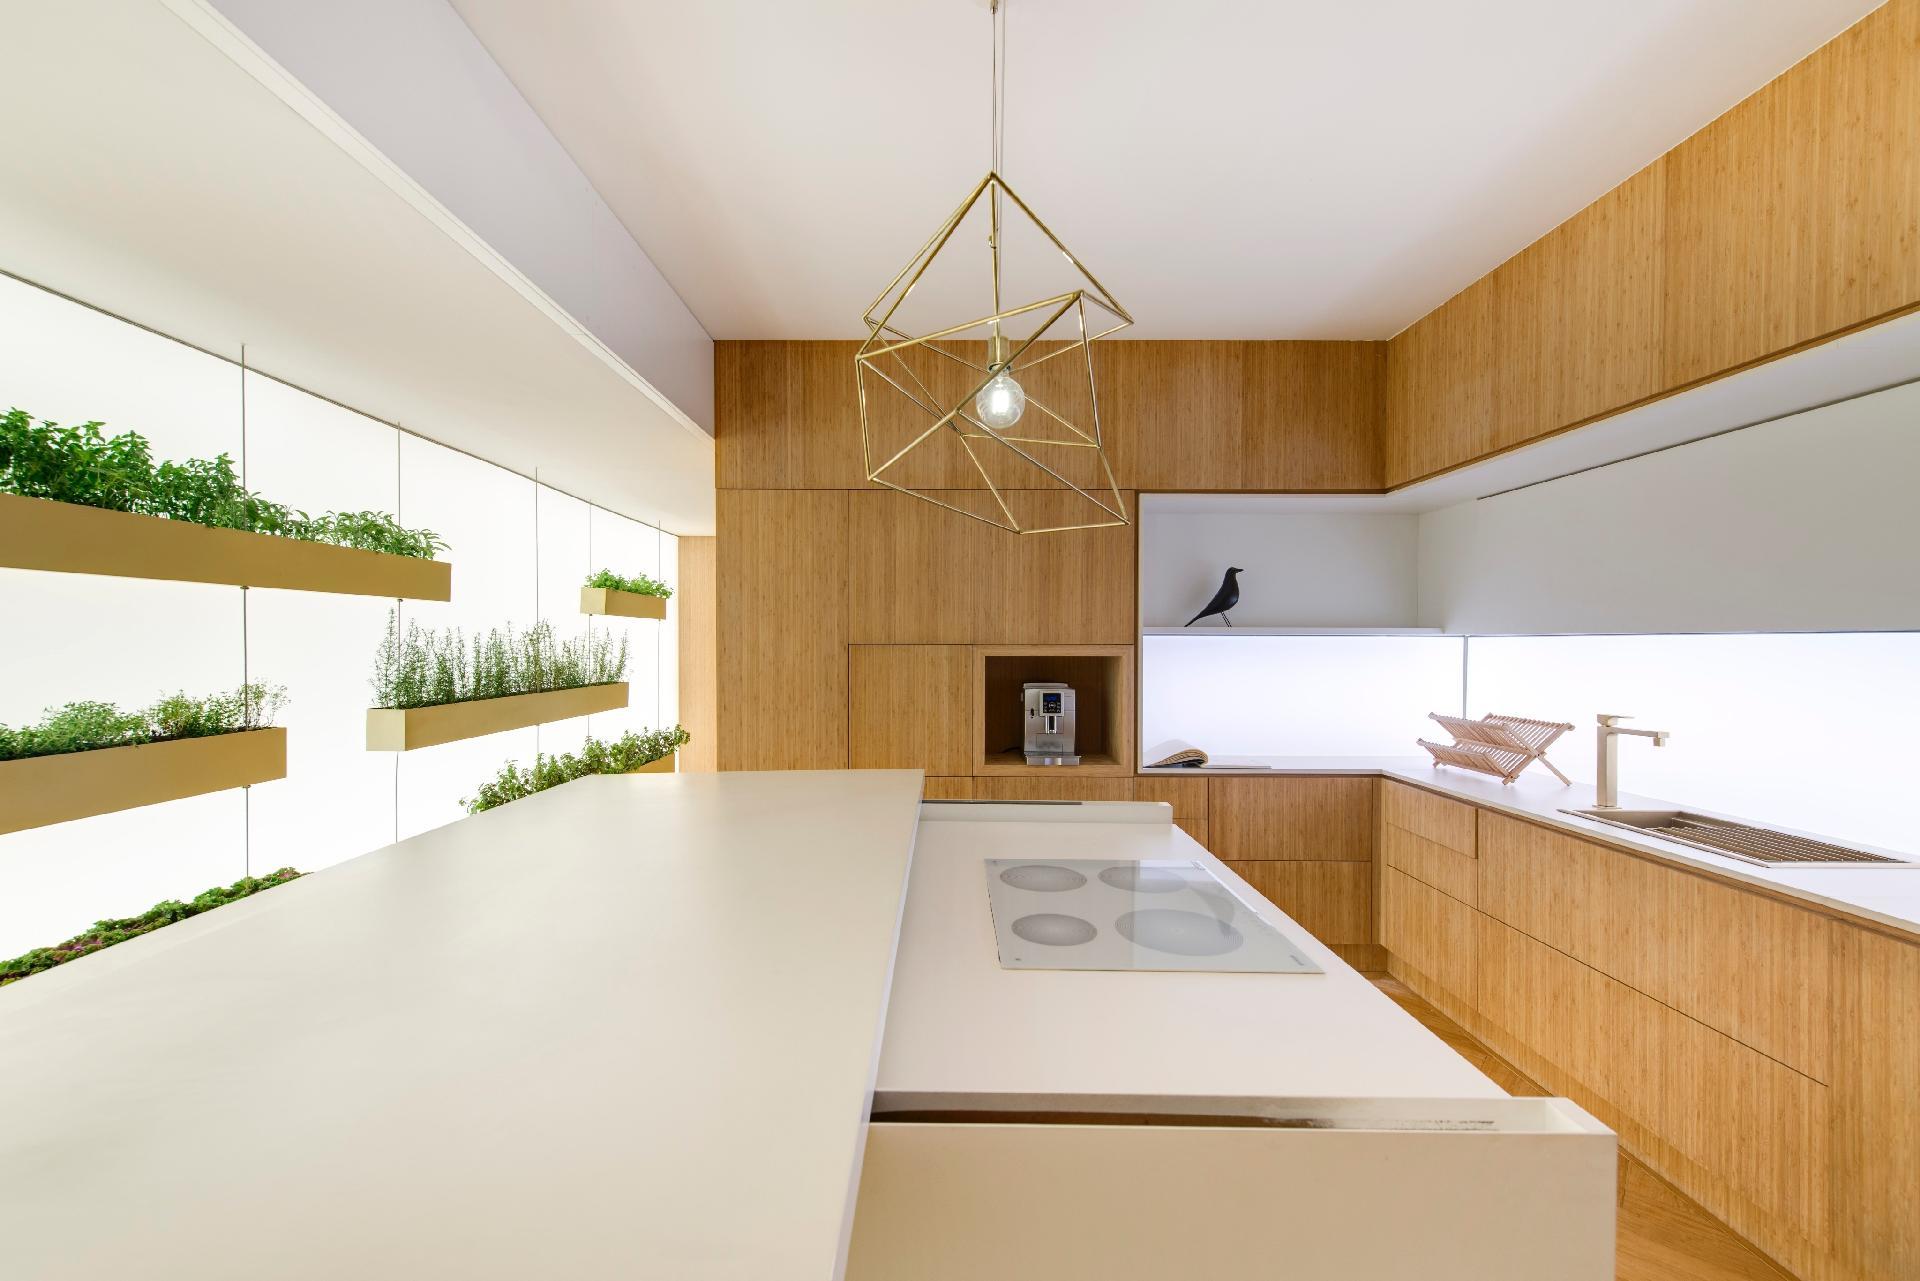 Cozinha Pequena Moderna Com Bancada Cozinha Pequena Moderna Com